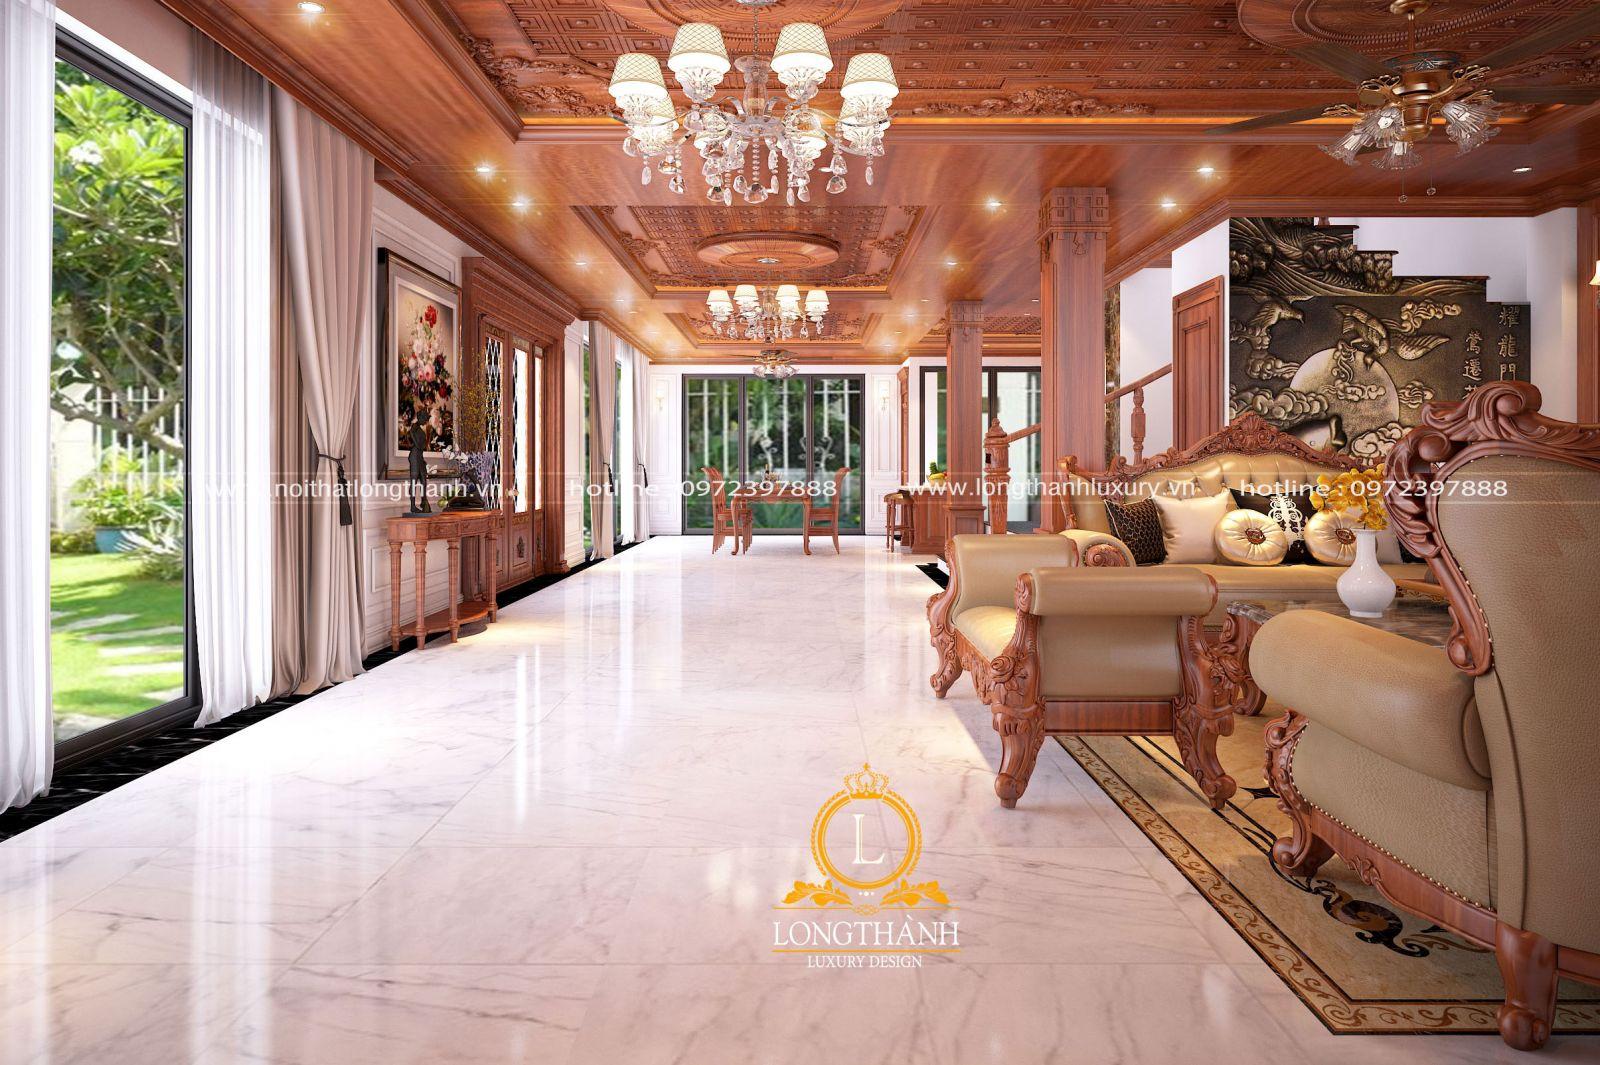 Thiết kế nội thất phòng khách nhà biệt thự đẳng cấp